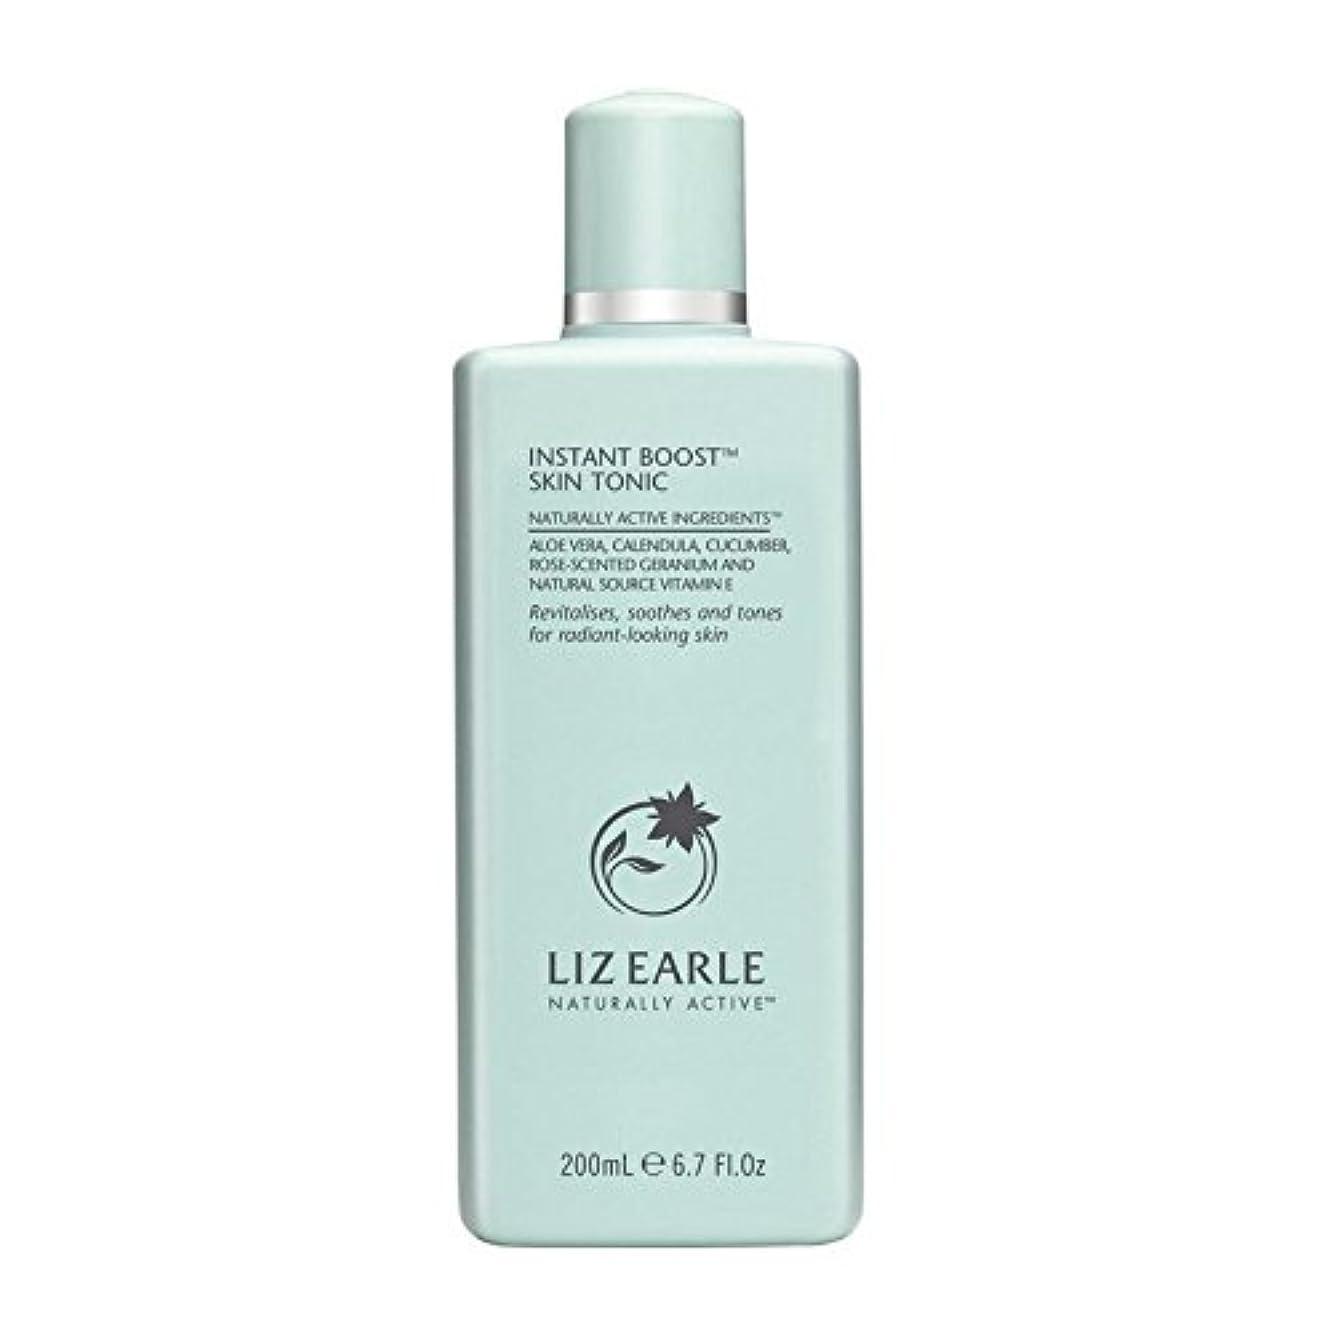 民族主義反論オートマトンリズアールインスタントブーストスキントニックボトル200ミリリットル x4 - Liz Earle Instant Boost Skin Tonic Bottle 200ml (Pack of 4) [並行輸入品]